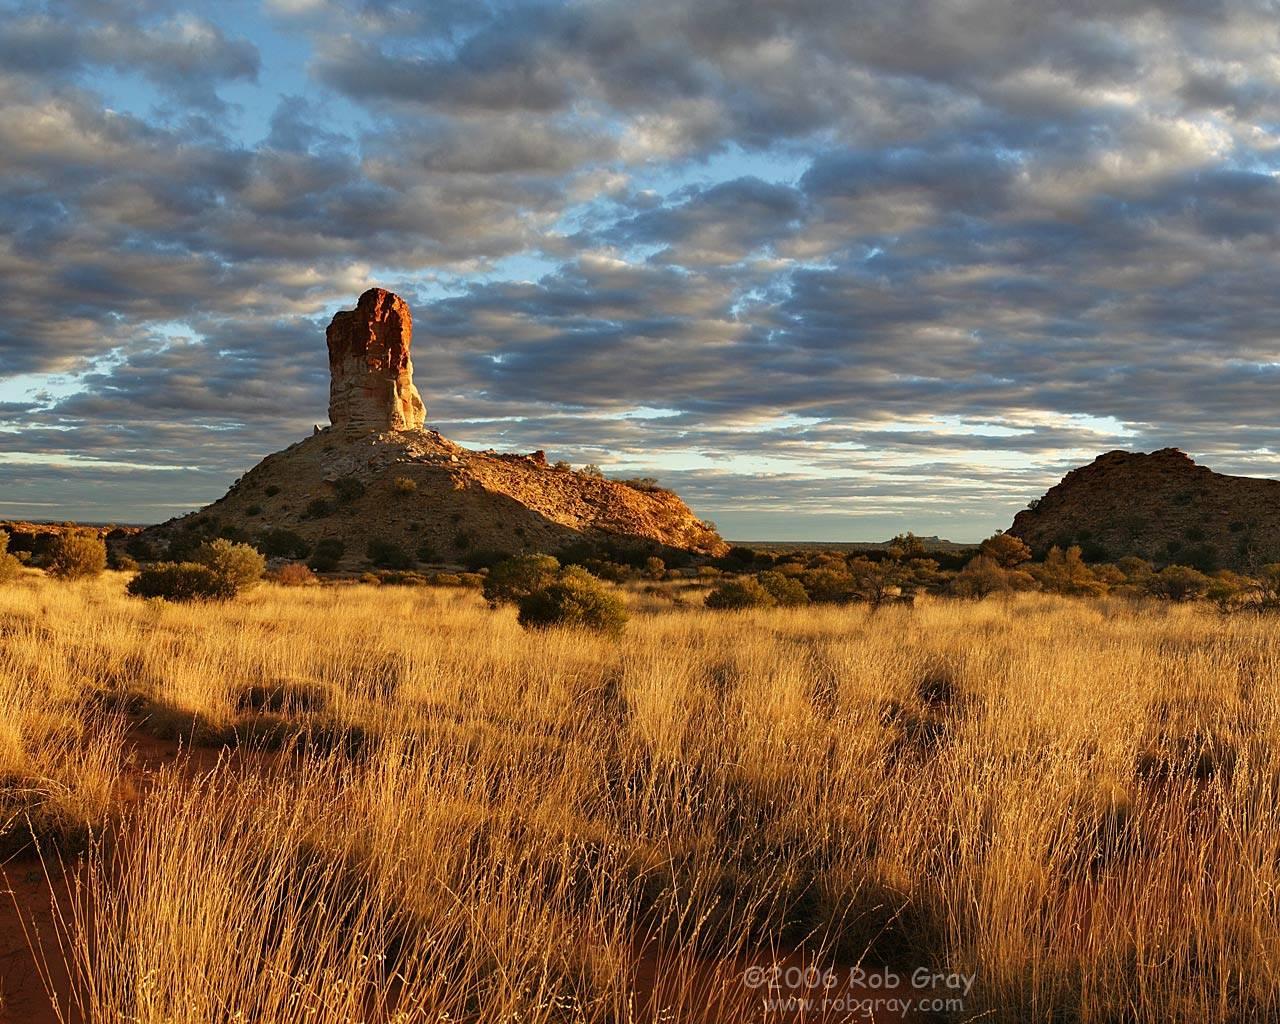 Arizona Desert Scenes Wallpaper Wallpapersafari HD Wallpapers Download Free Images Wallpaper [1000image.com]